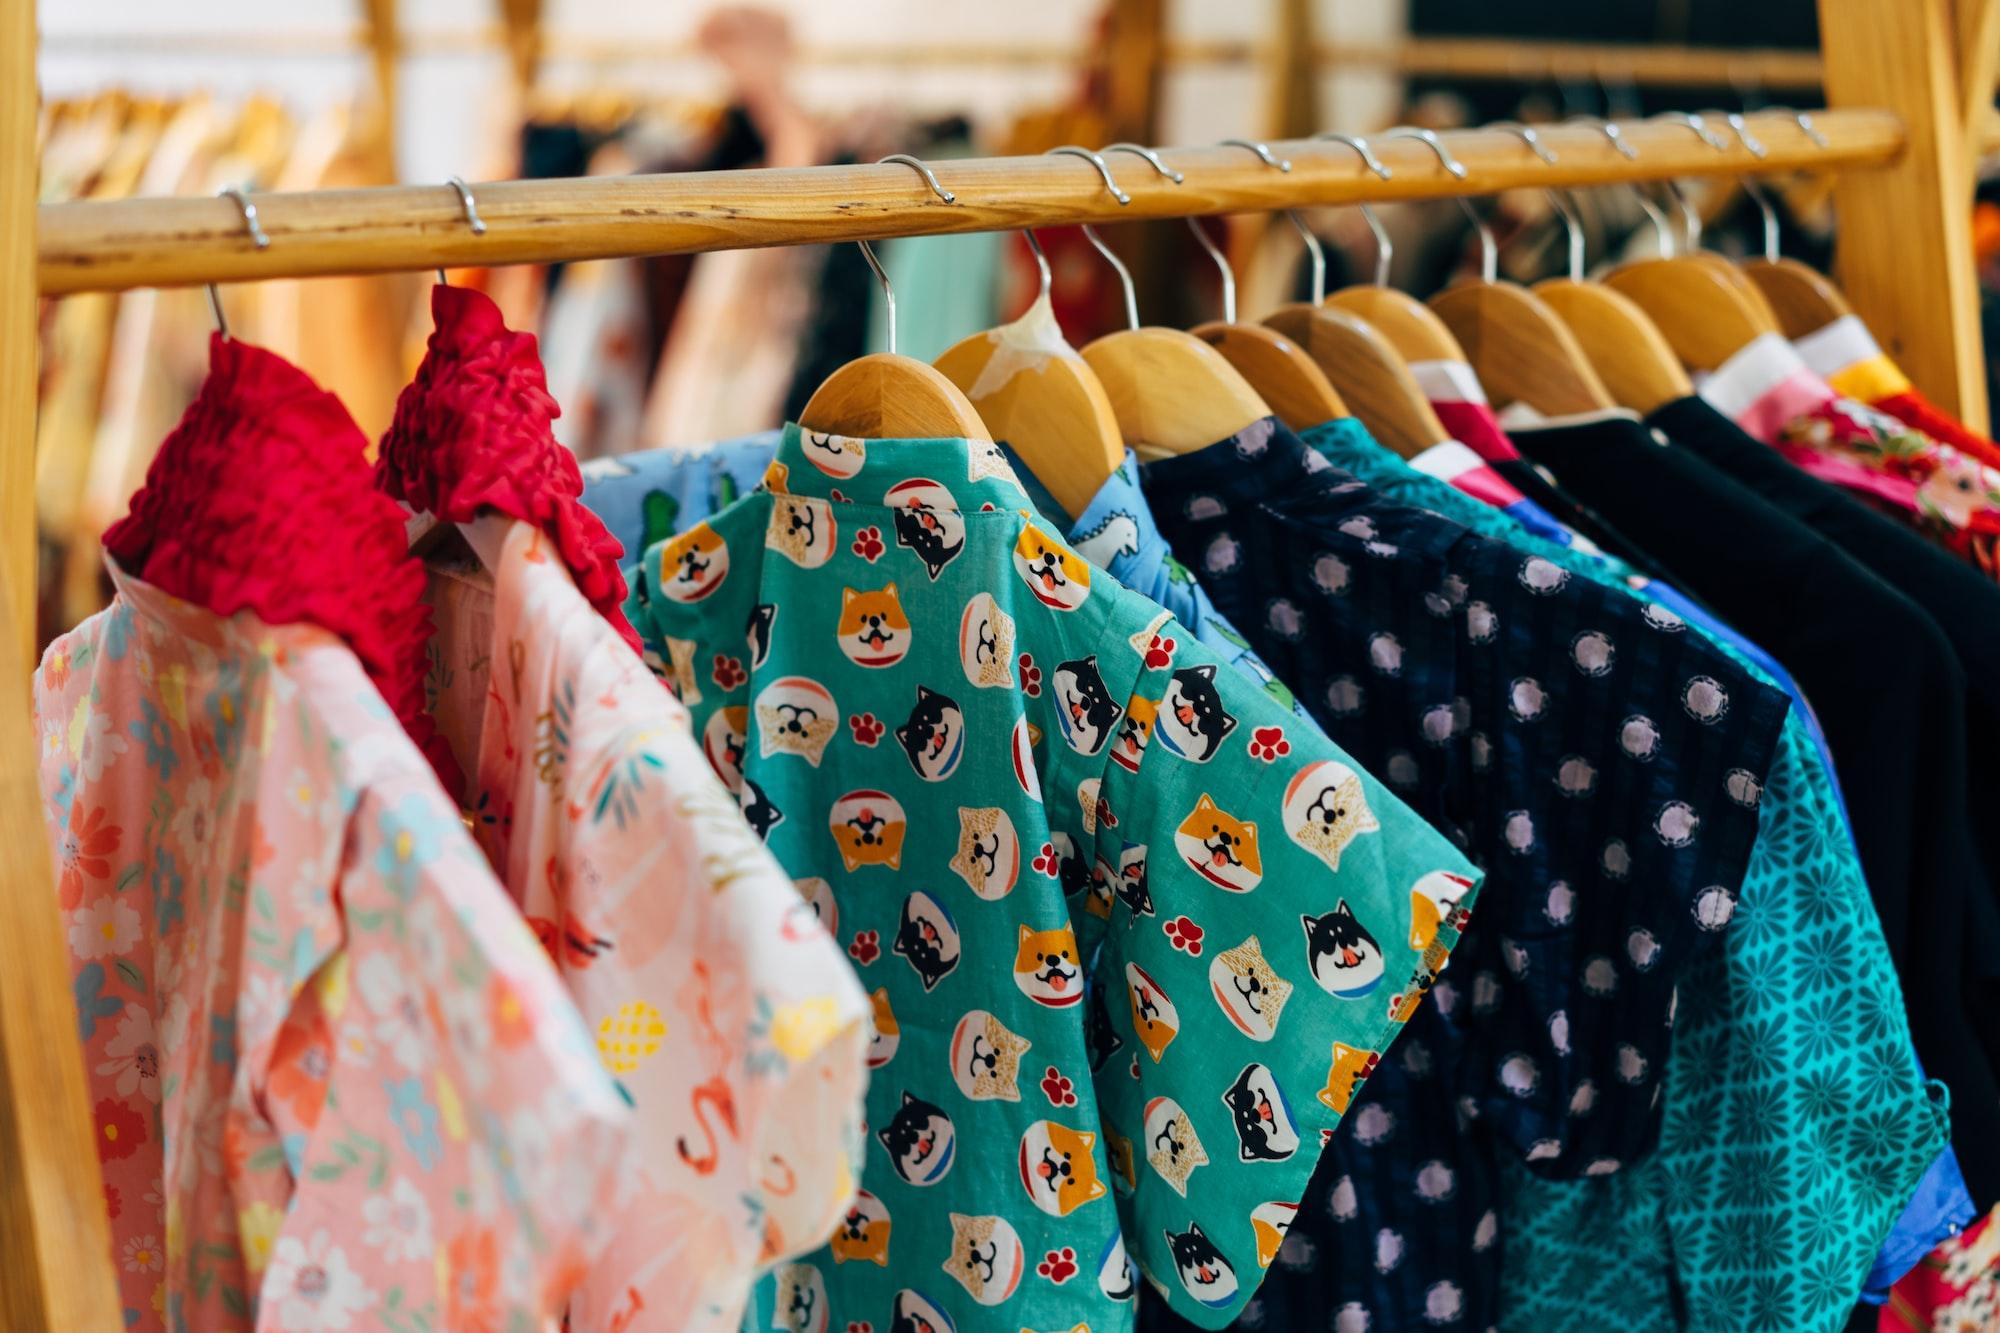 Kinh doanh online thì nên chọn các mặt hàng thời trang